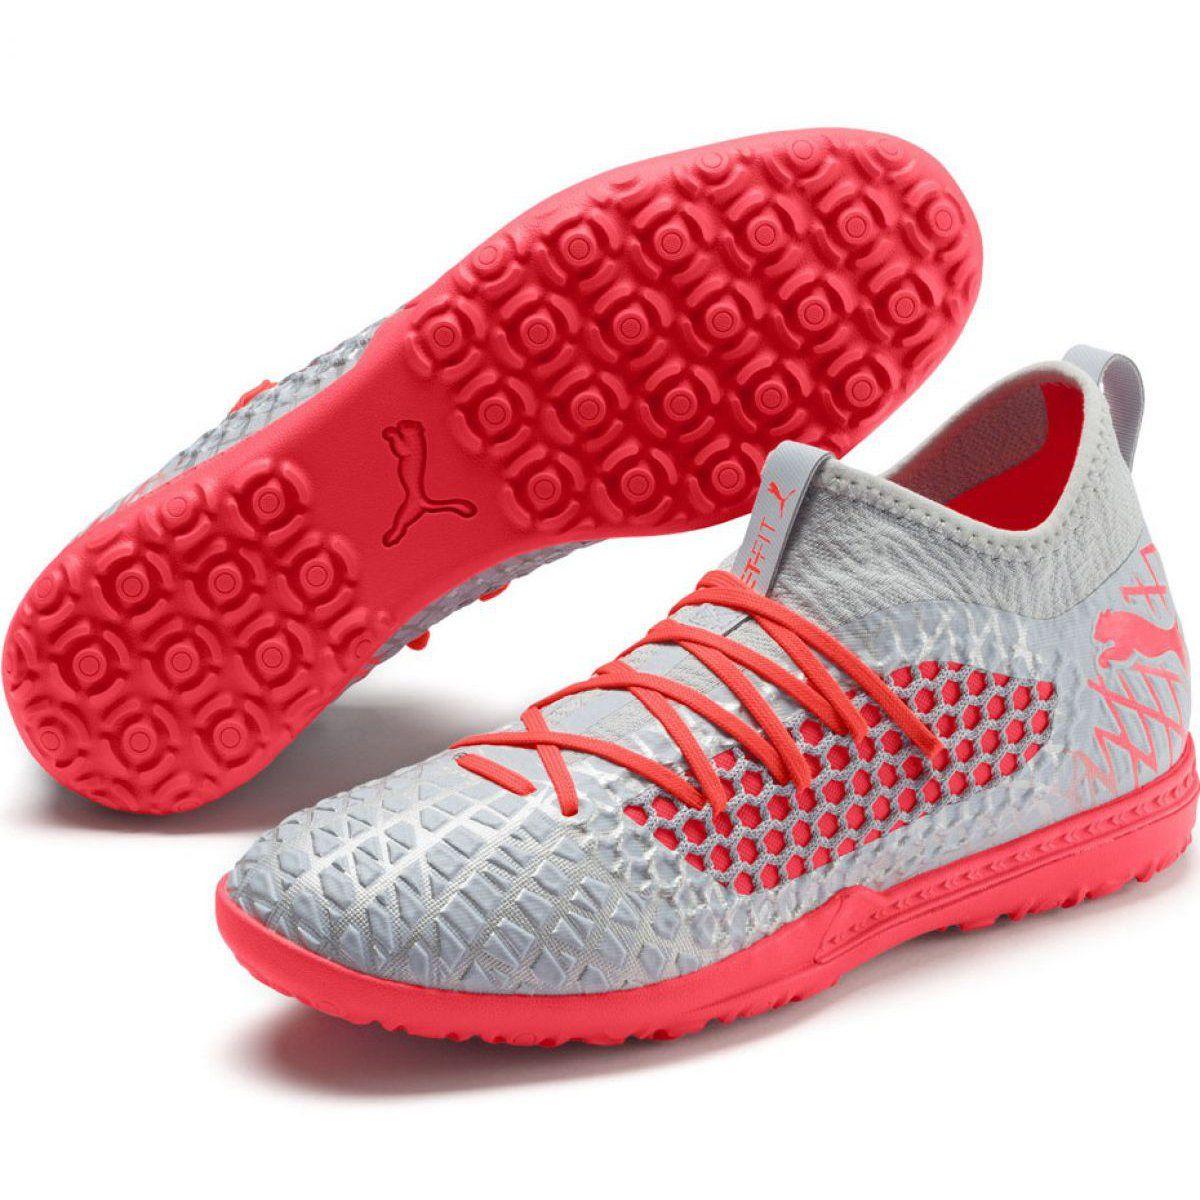 Buty Pilkarskie Puma Future 4 3 Netfit Tt M 105685 01 Szare Wielokolorowe Football Boots Mens Football Boots Puma Mens